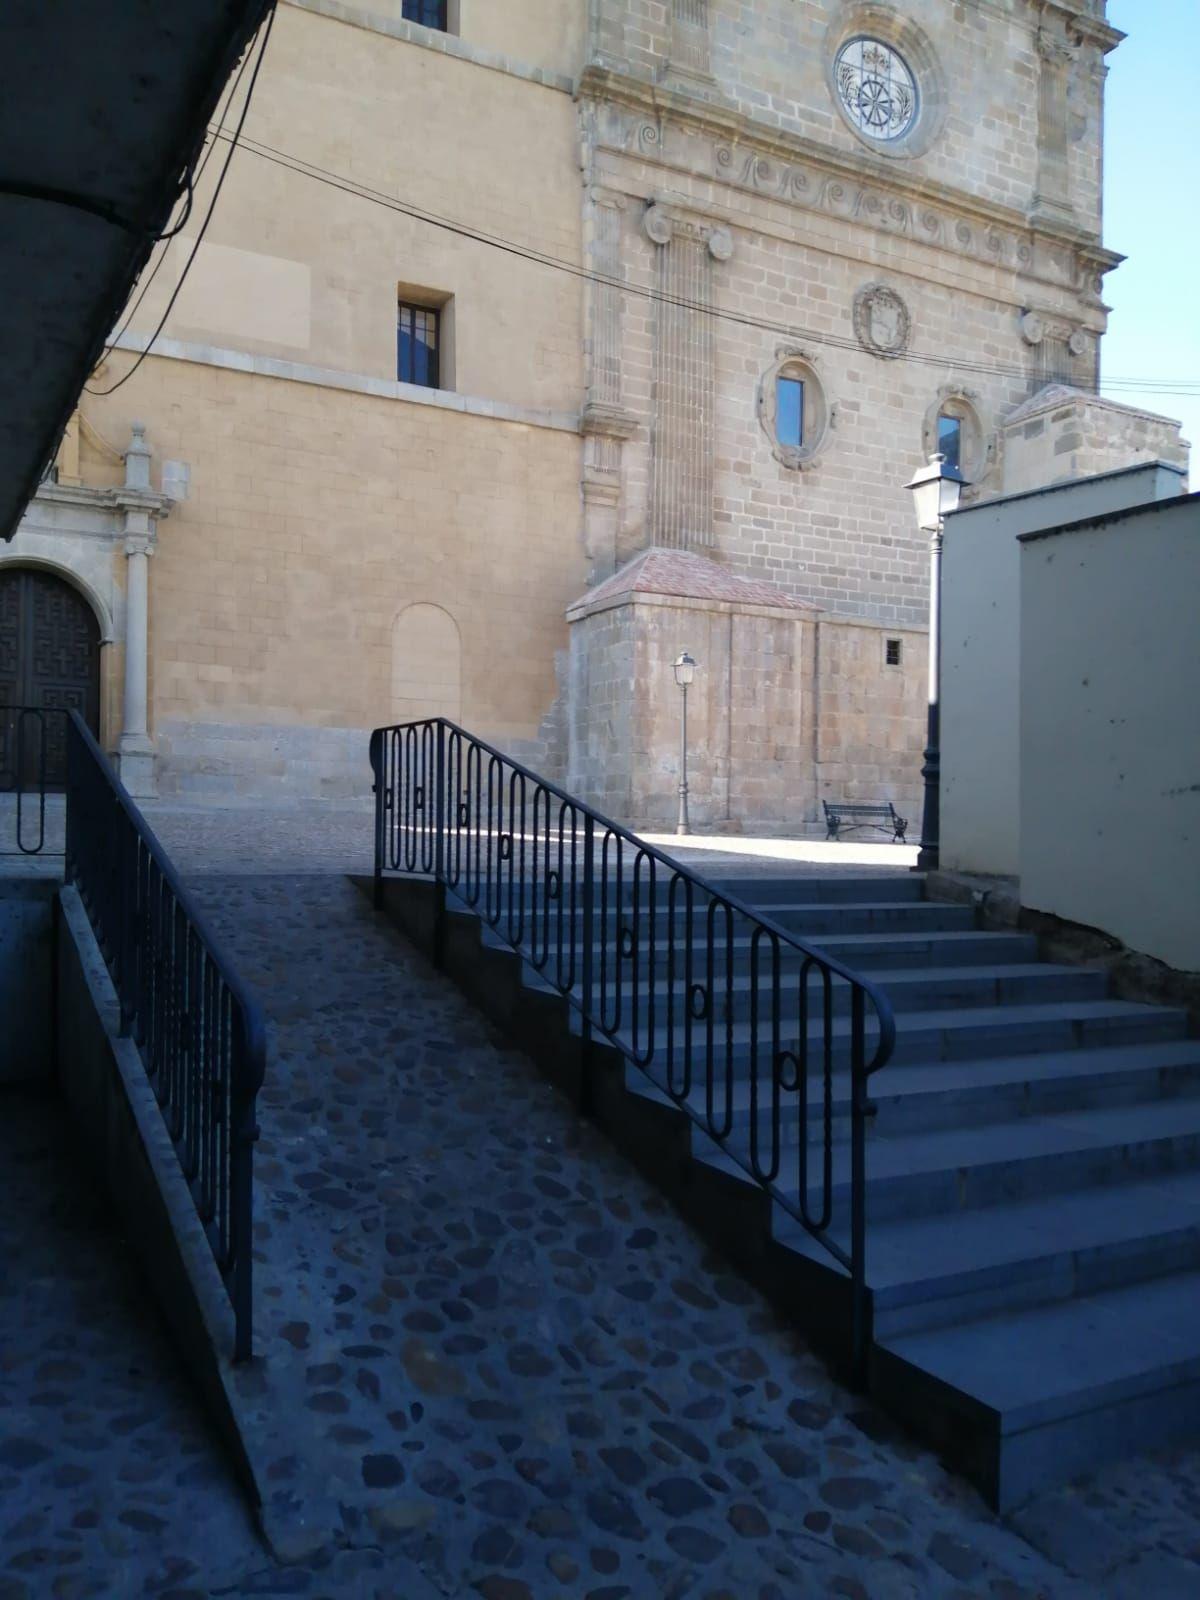 Piso en venta en Talavera de la Reina, Toledo, Calle San Gerónimo, 47.000 €, 3 habitaciones, 1 baño, 75 m2